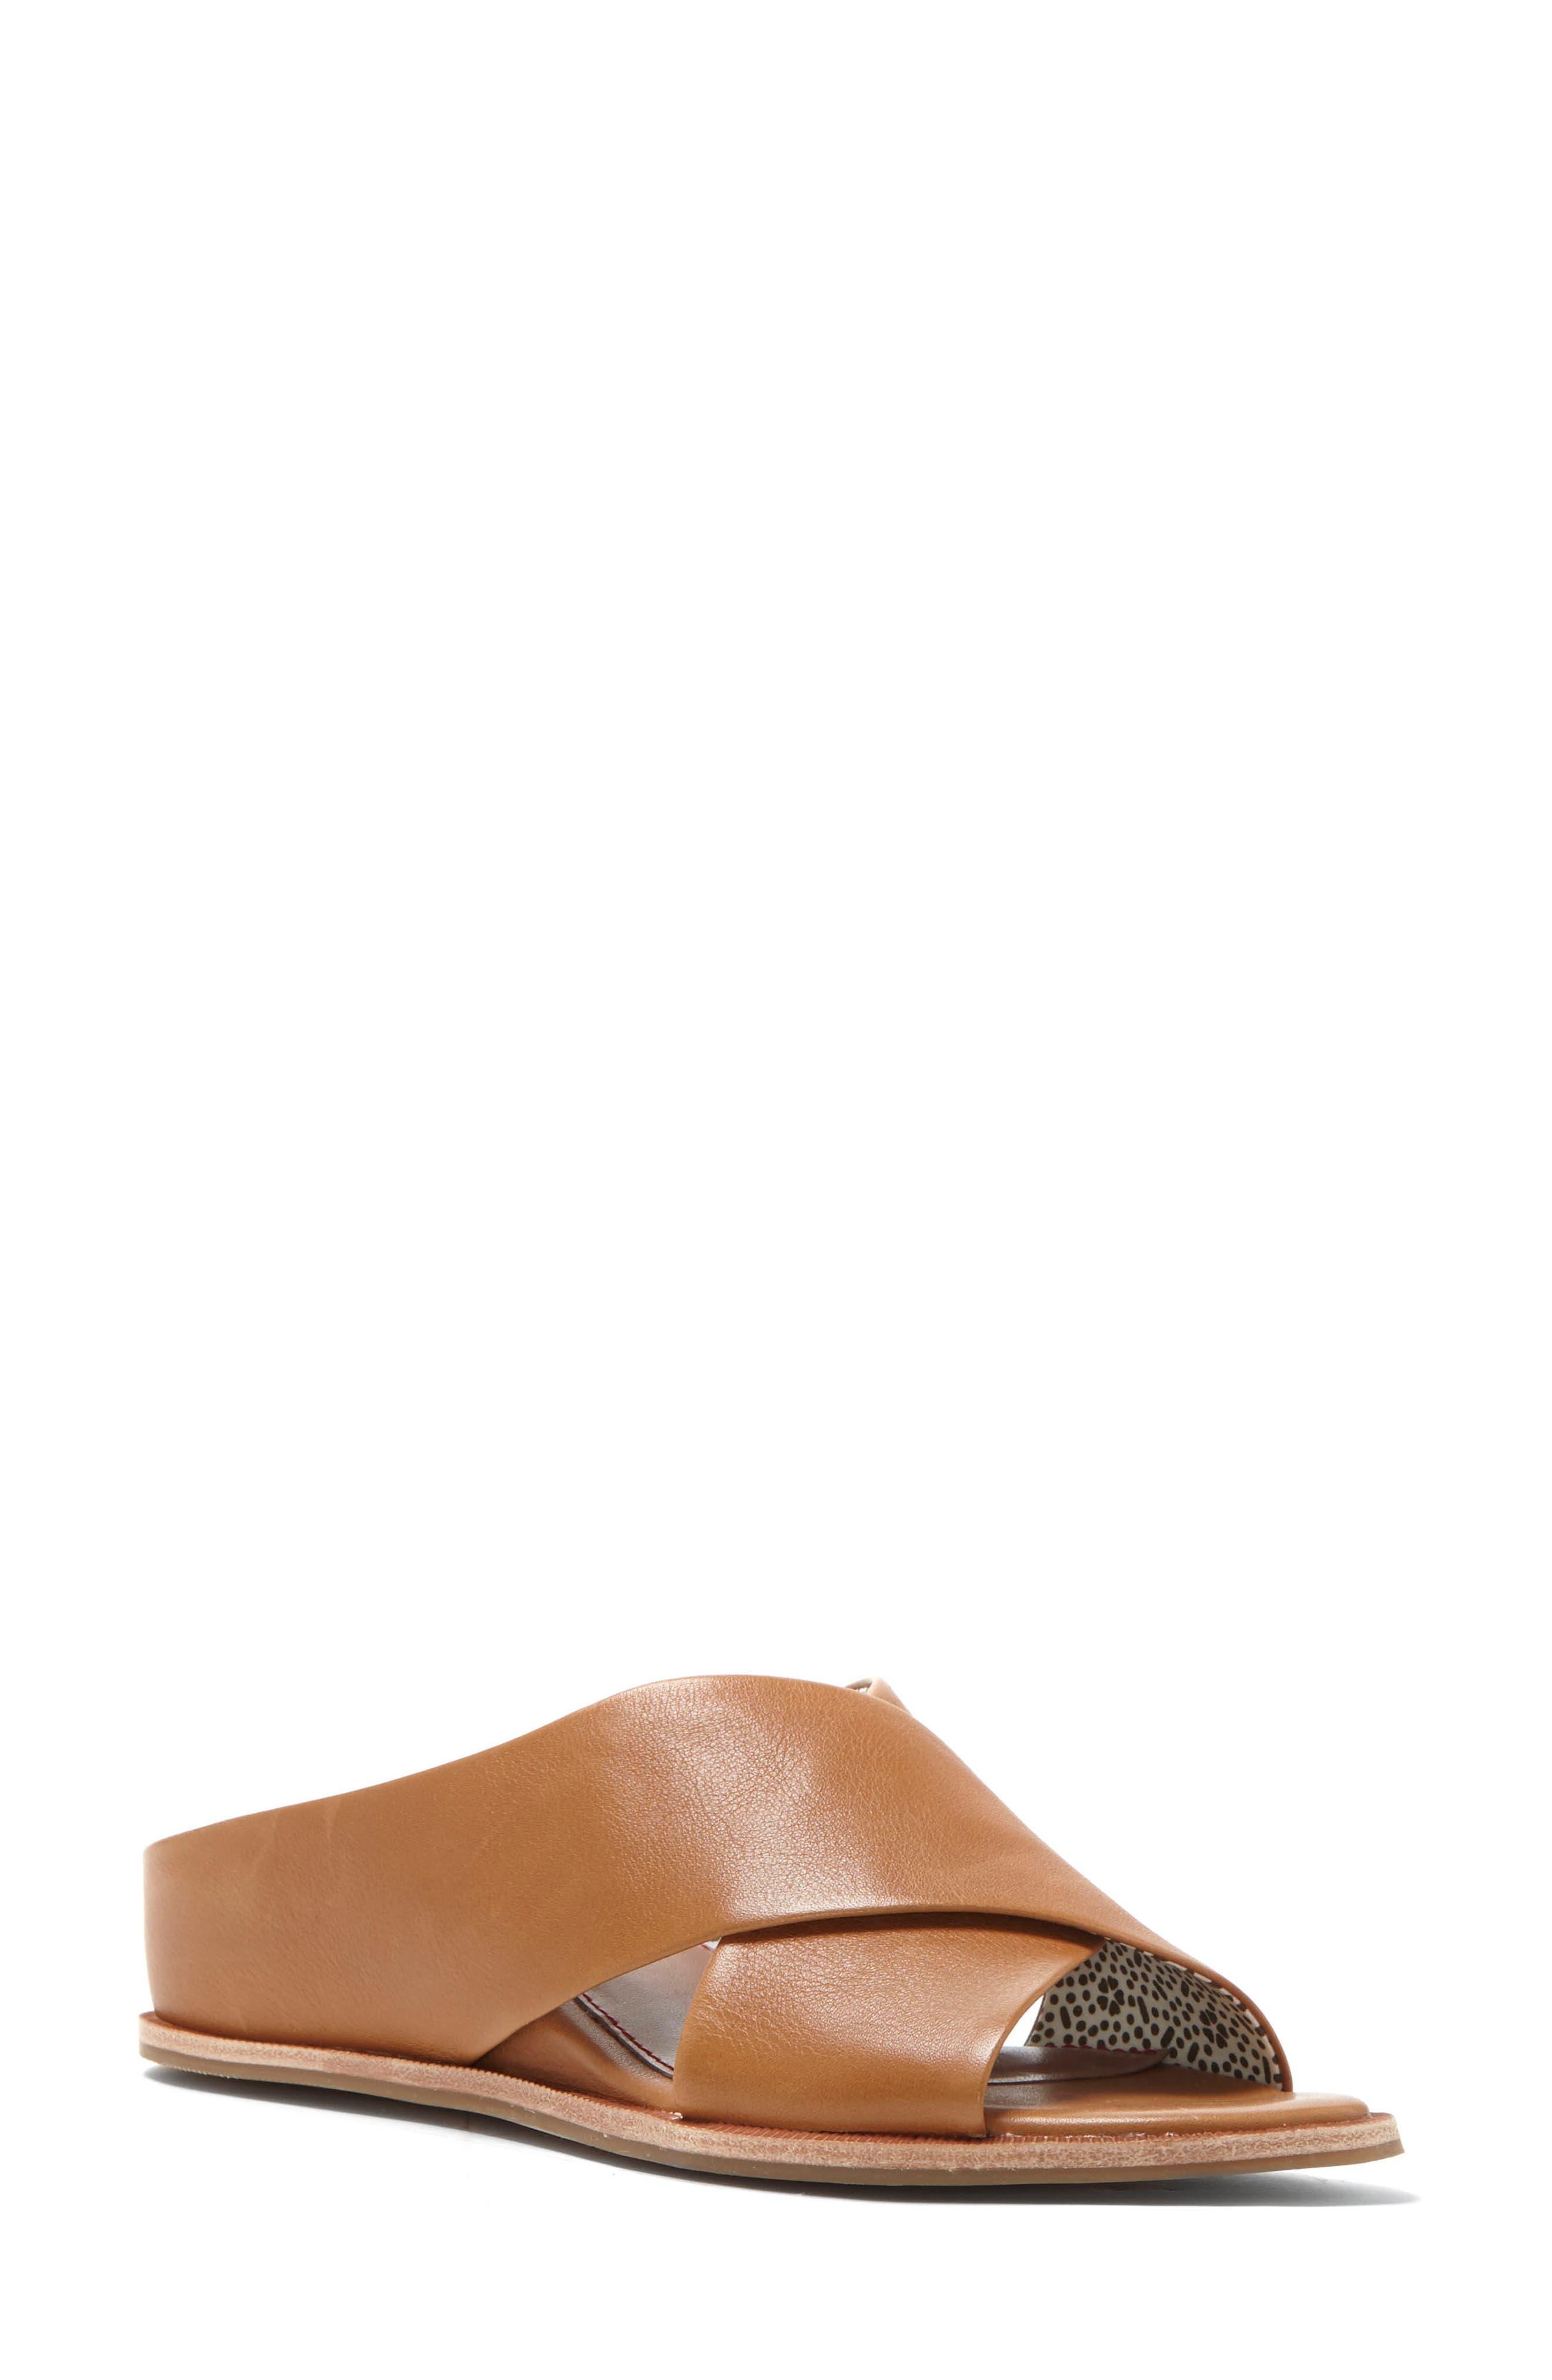 Treya Slide Sandal,                             Main thumbnail 2, color,